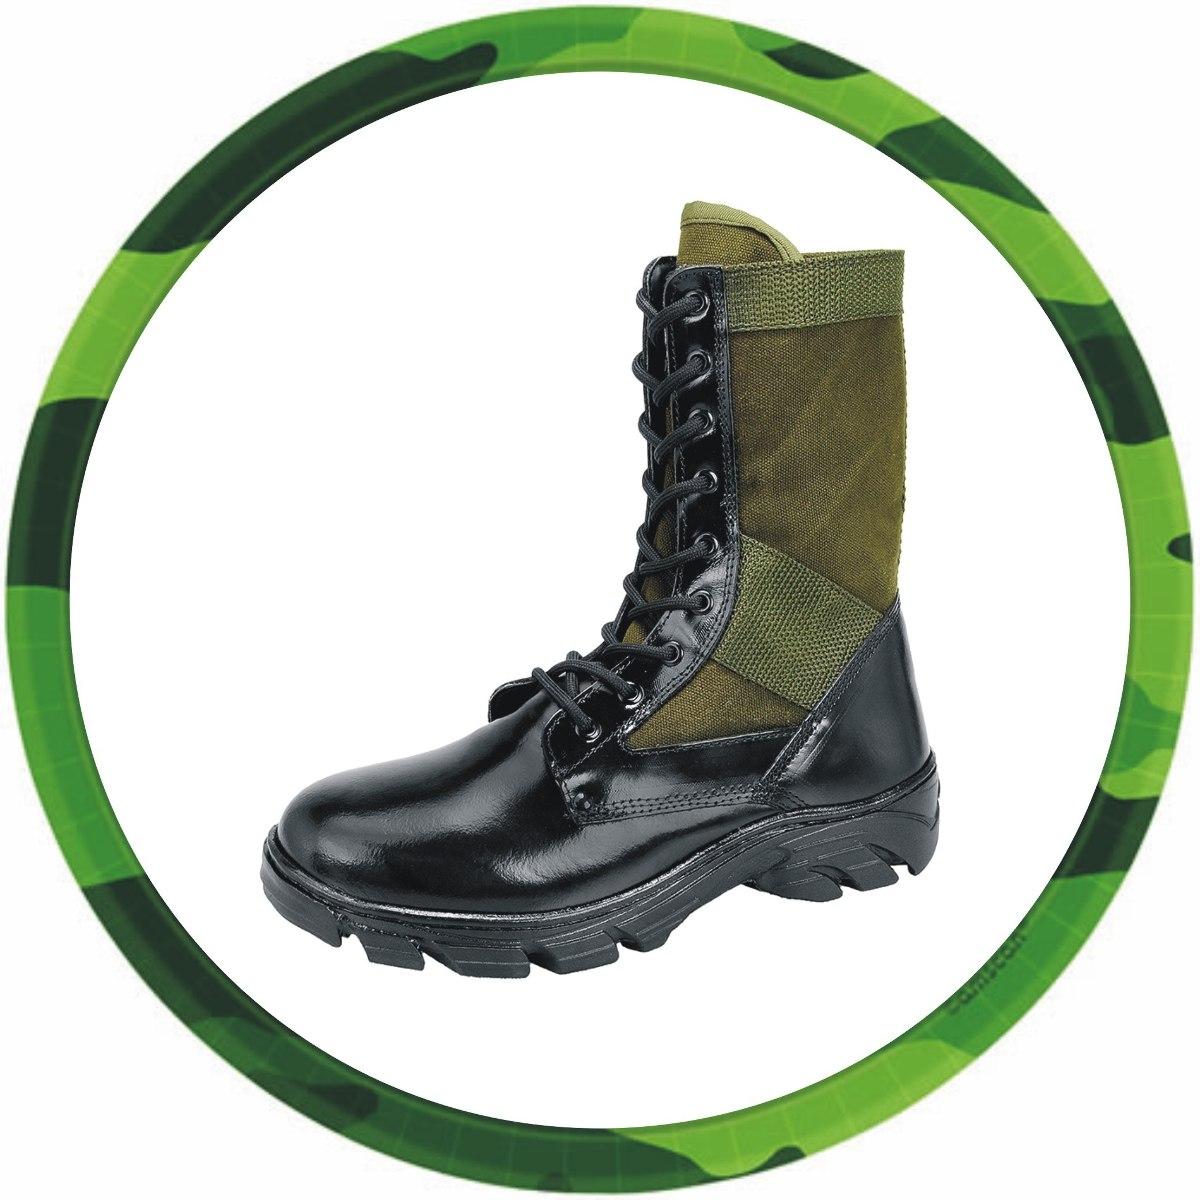 43db222d700bc coturno padrão exercito, lona verde selva, militar 100%couro. Carregando  zoom.